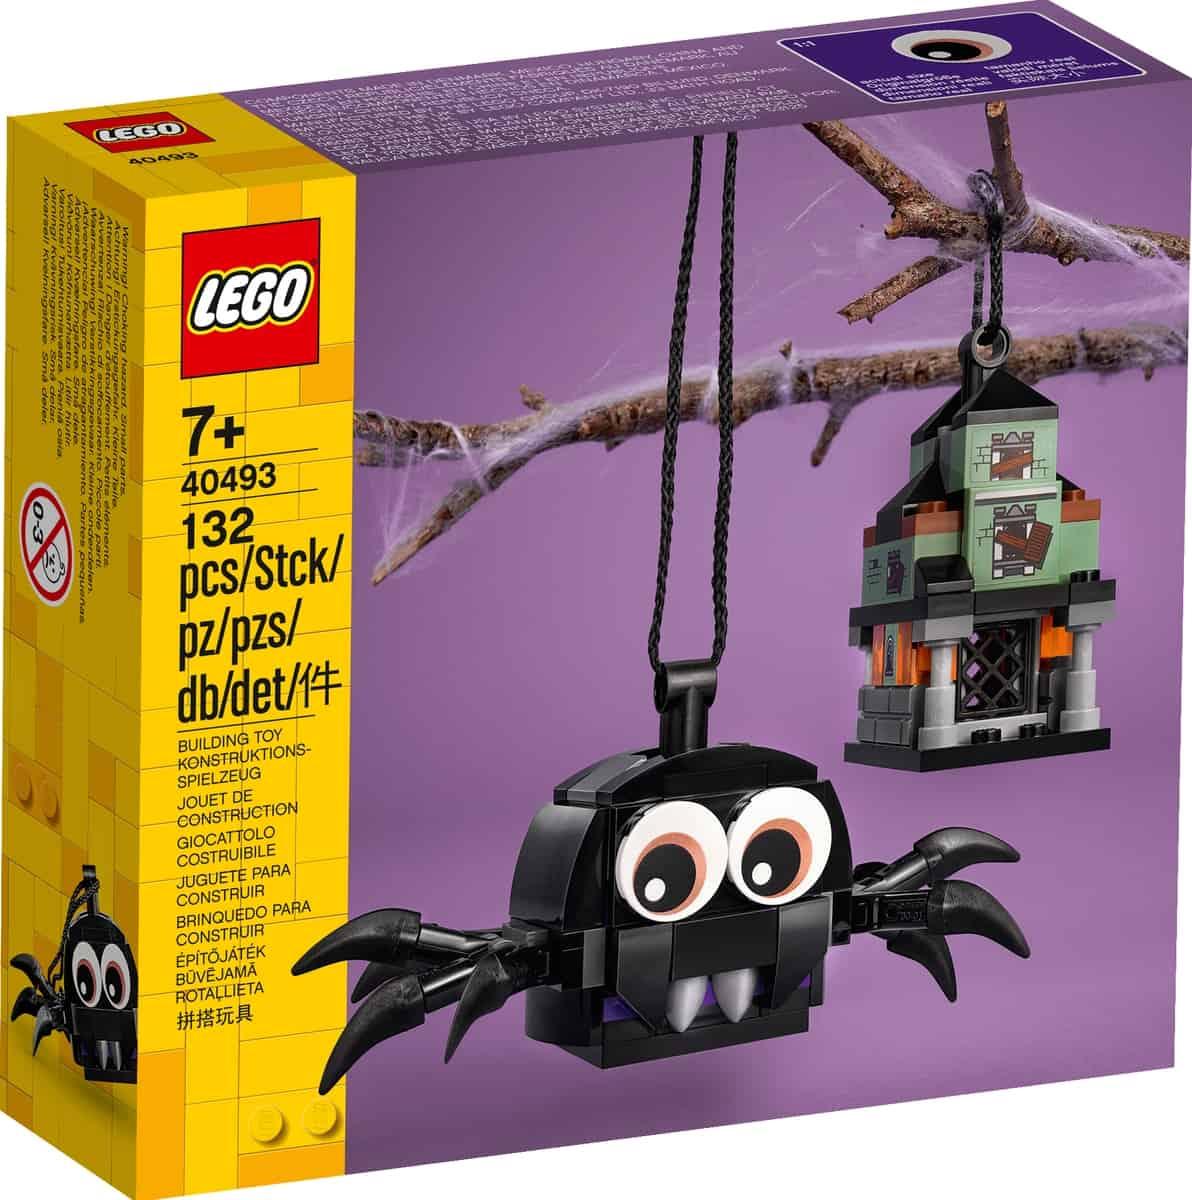 lego 40493 pack aranha e casa assombrada